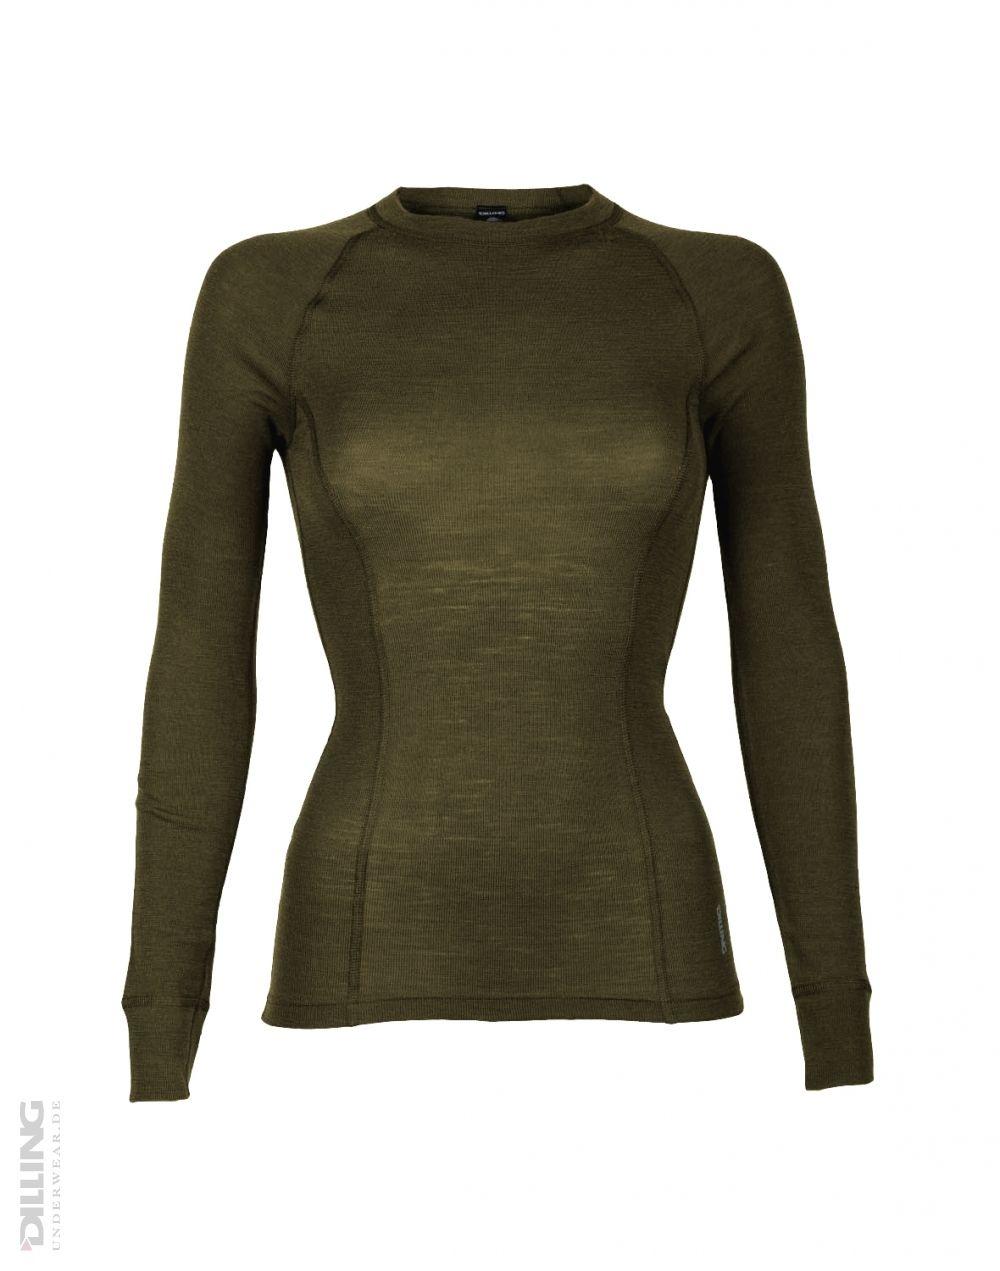 Merino Langarmshirt für Damen grün   Bio Unterwäsche, Ökomode,  Naturtextilien - Dilling-underwear.de 54860b7b85